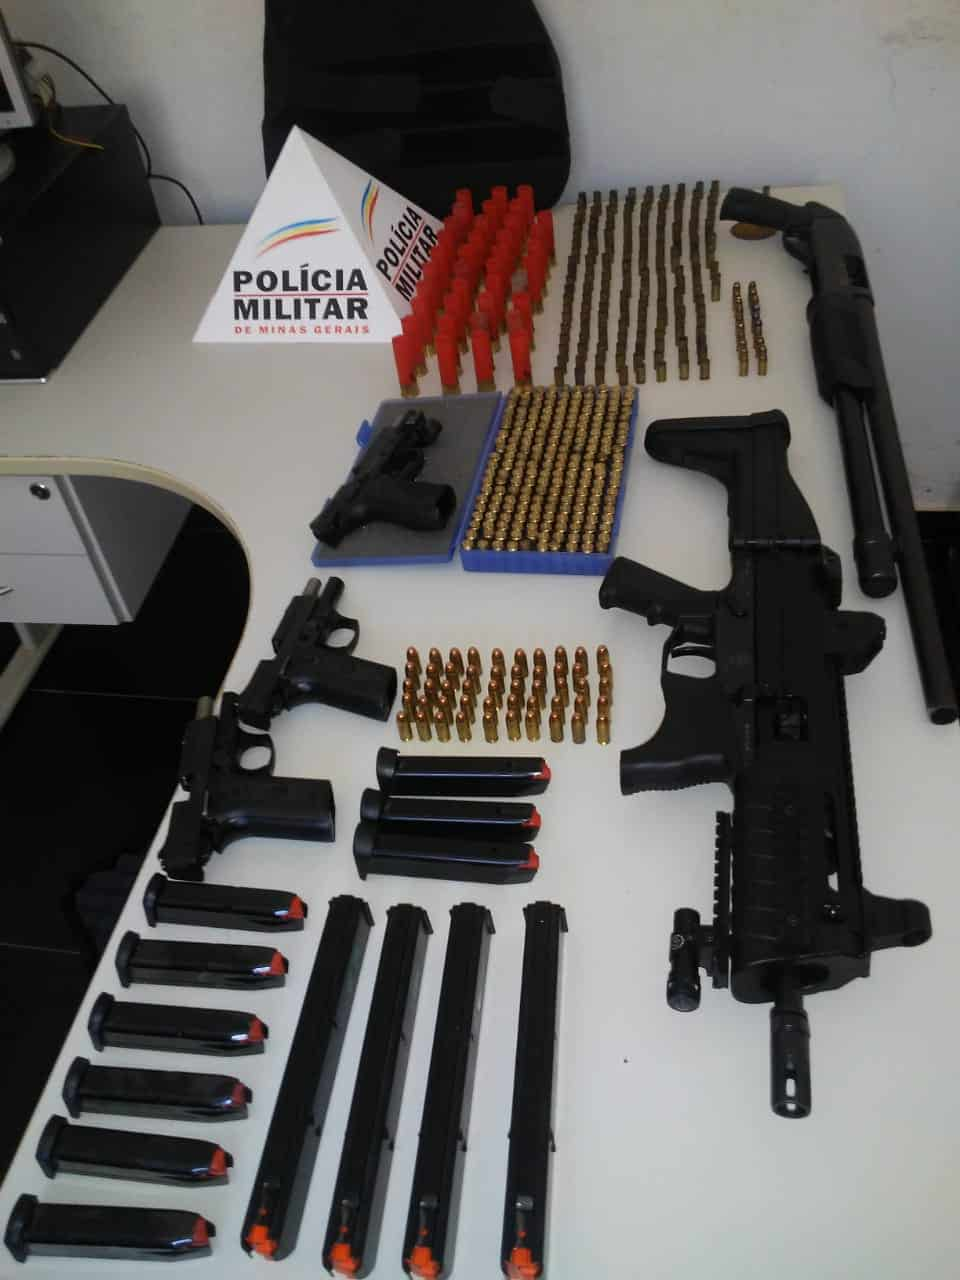 Norte de Minas - Polícia Militar e Polícia Civil prende homem por posse ilegal de armas de fogo de grosso calibre na zona rural de Cristália